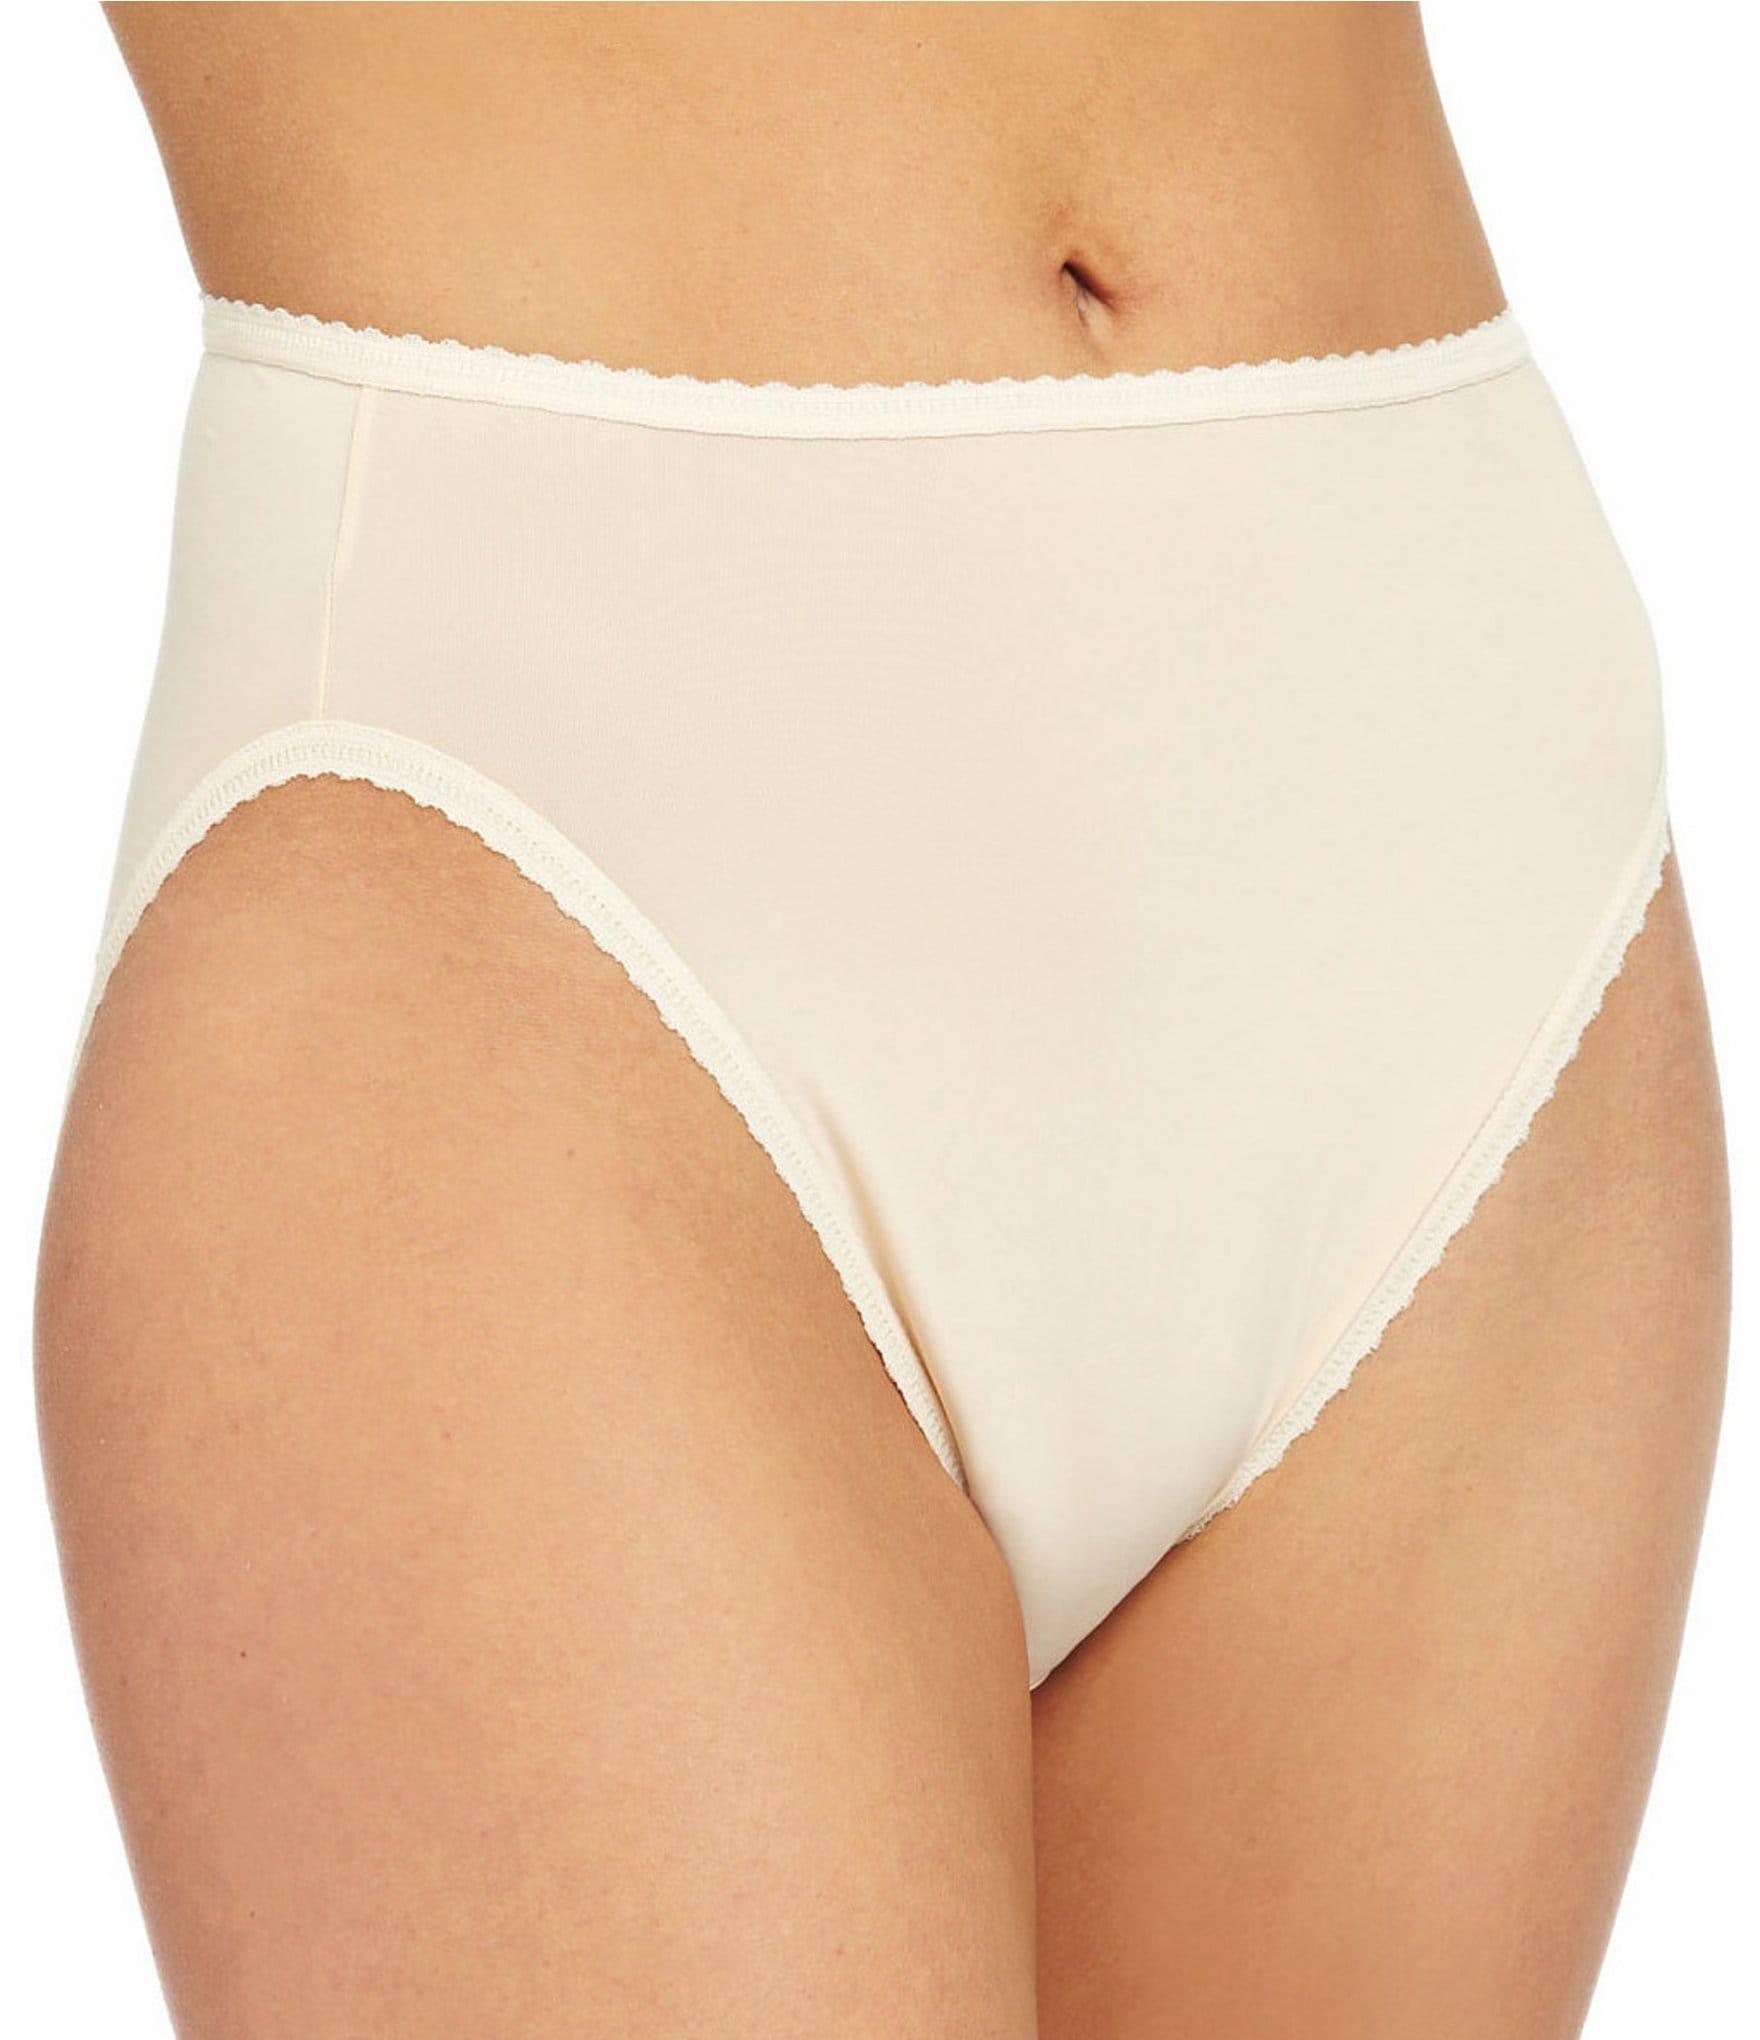 b7f4b5209f Cabernet   Women s Hi-Cut Brief Panties